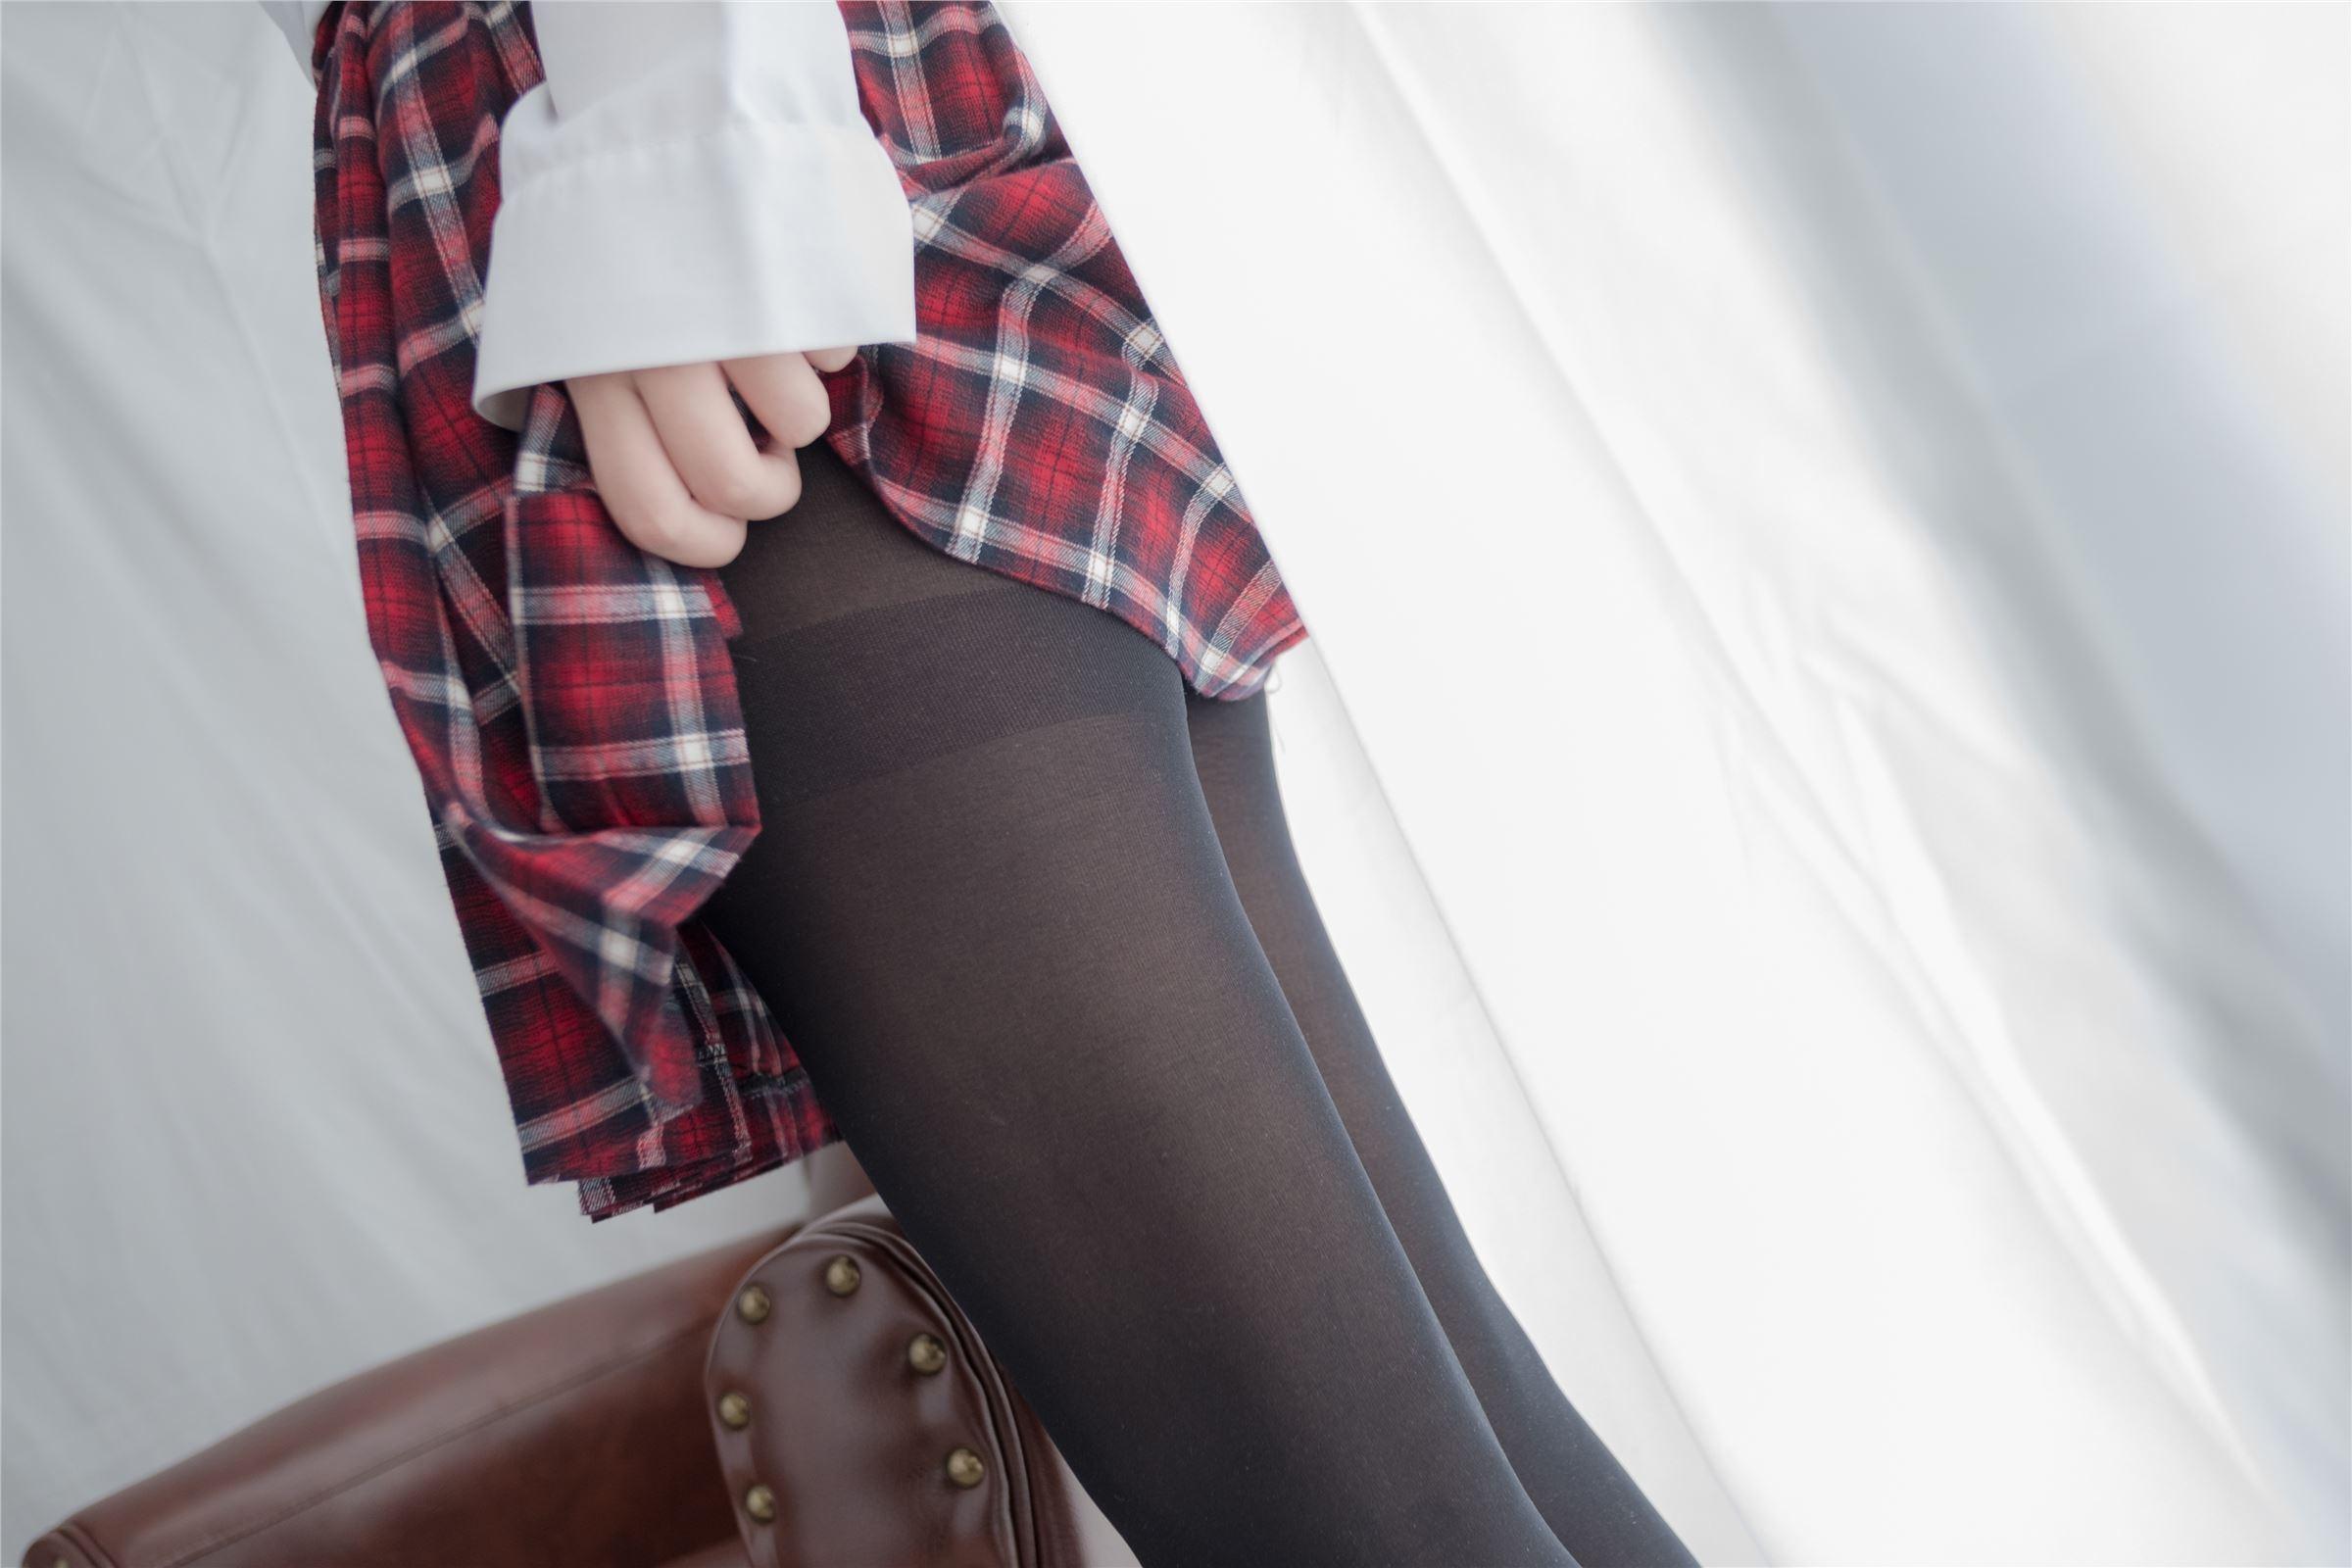 森萝财团 萝莉丝足写真 R15-002 黑丝红格子裙